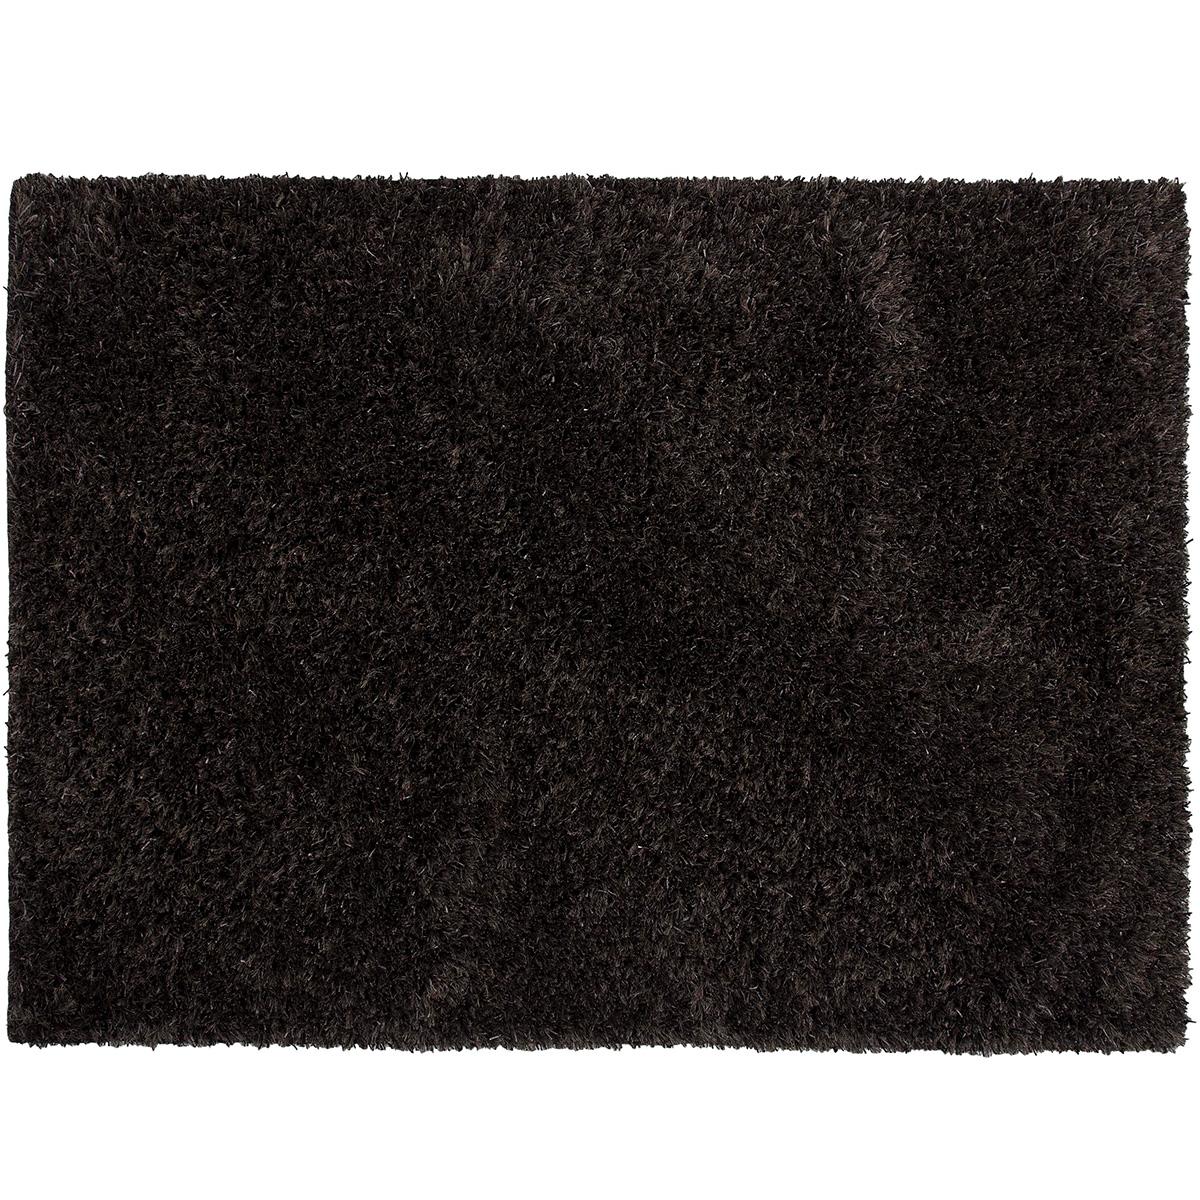 Vloerkleed Brinker Peace Anthracite Black | 200 x 290 cm